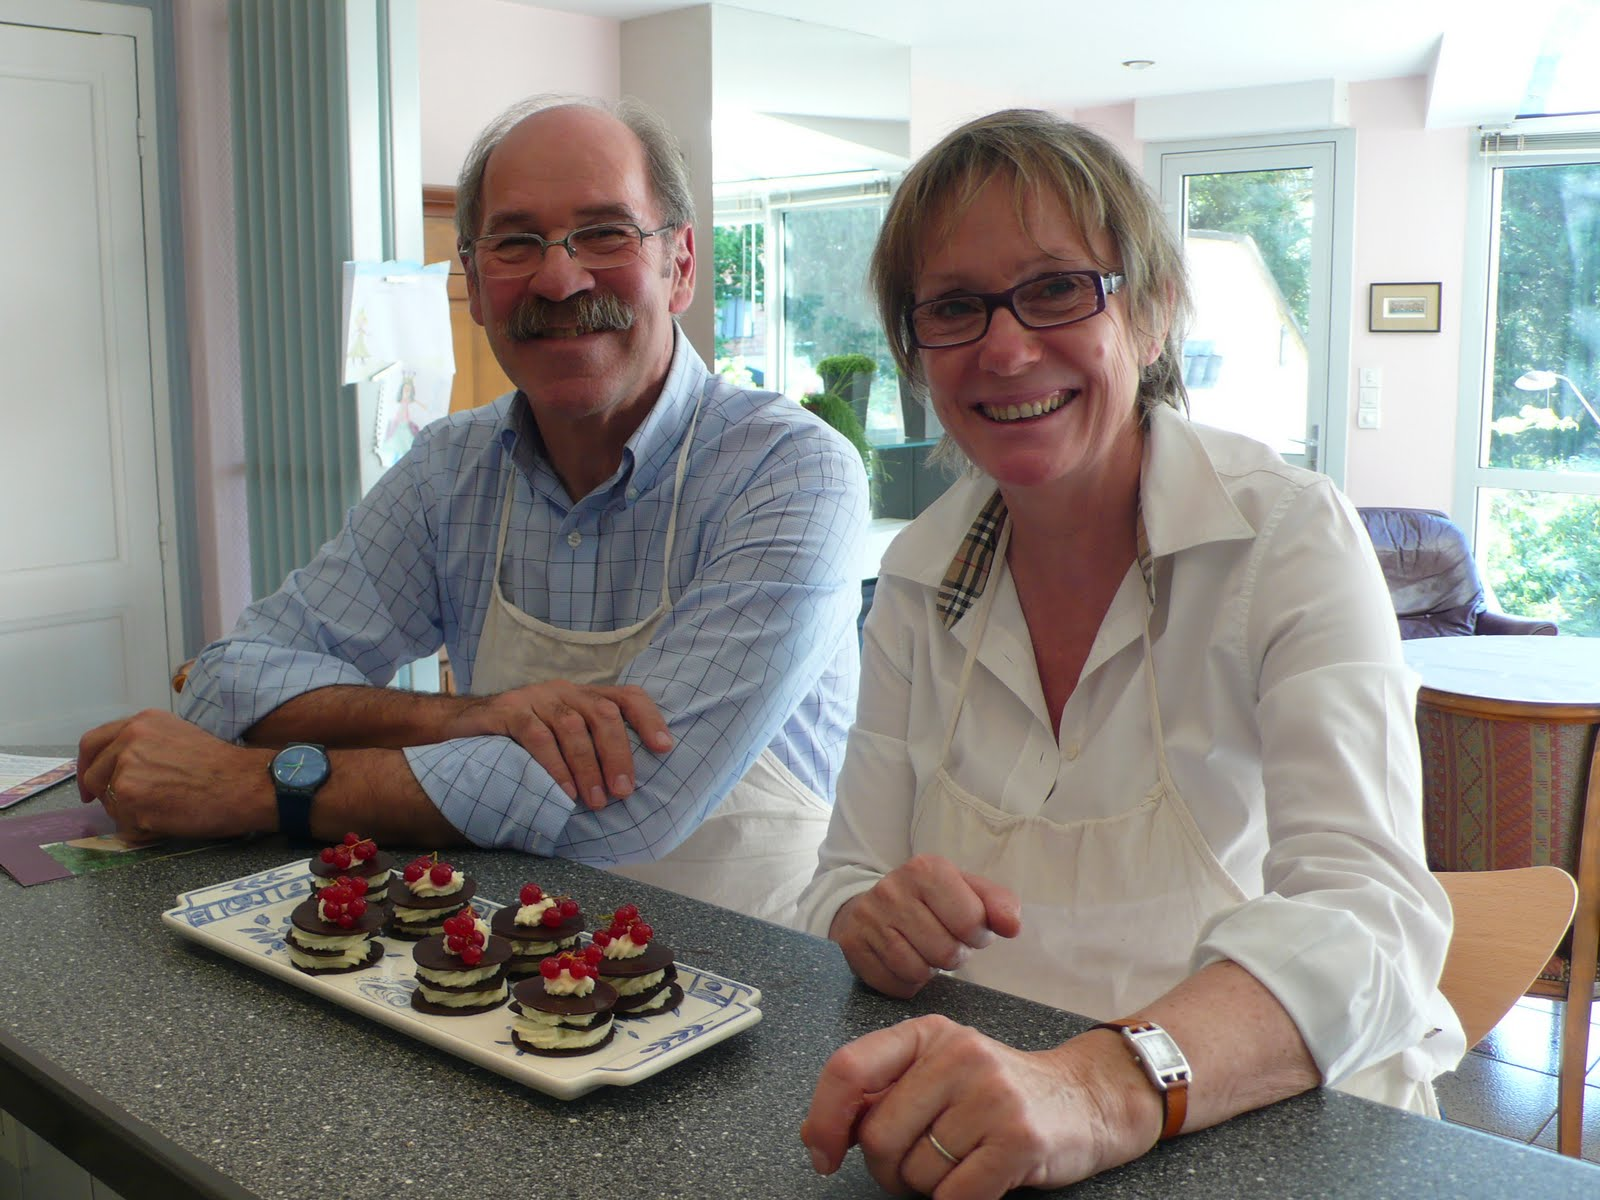 Louise cuisine cadeau d 39 un cours de cuisine domicile - Cours cuisine a domicile ...